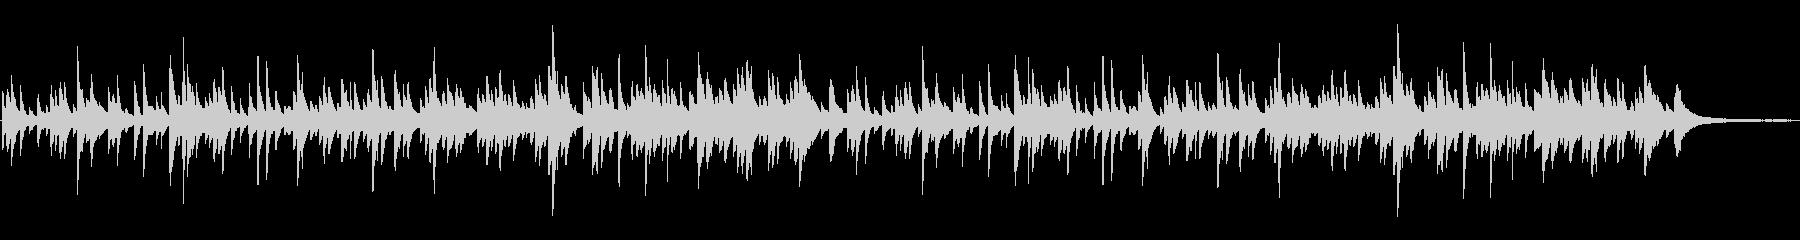 やさしい 切ない ピアノソロ 3拍子の未再生の波形